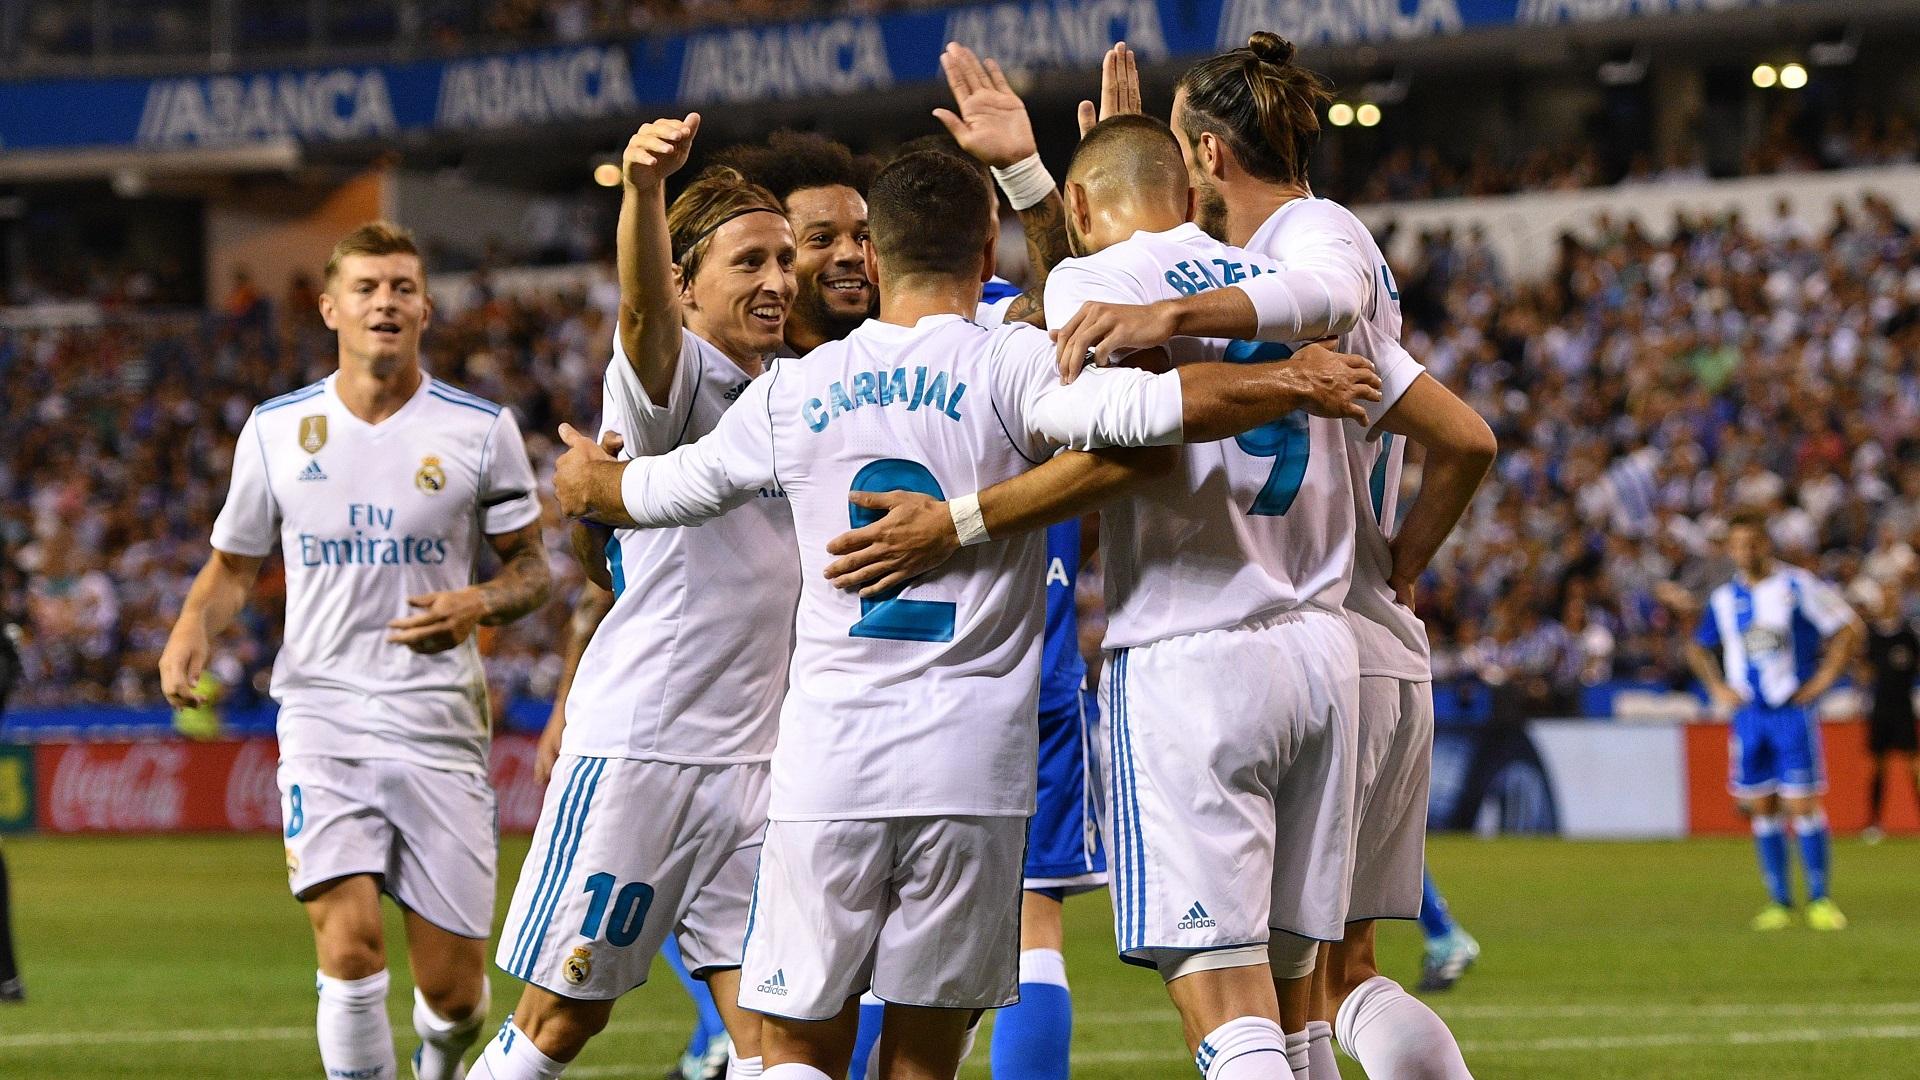 El Madrid continua en racha y comienza como líder.